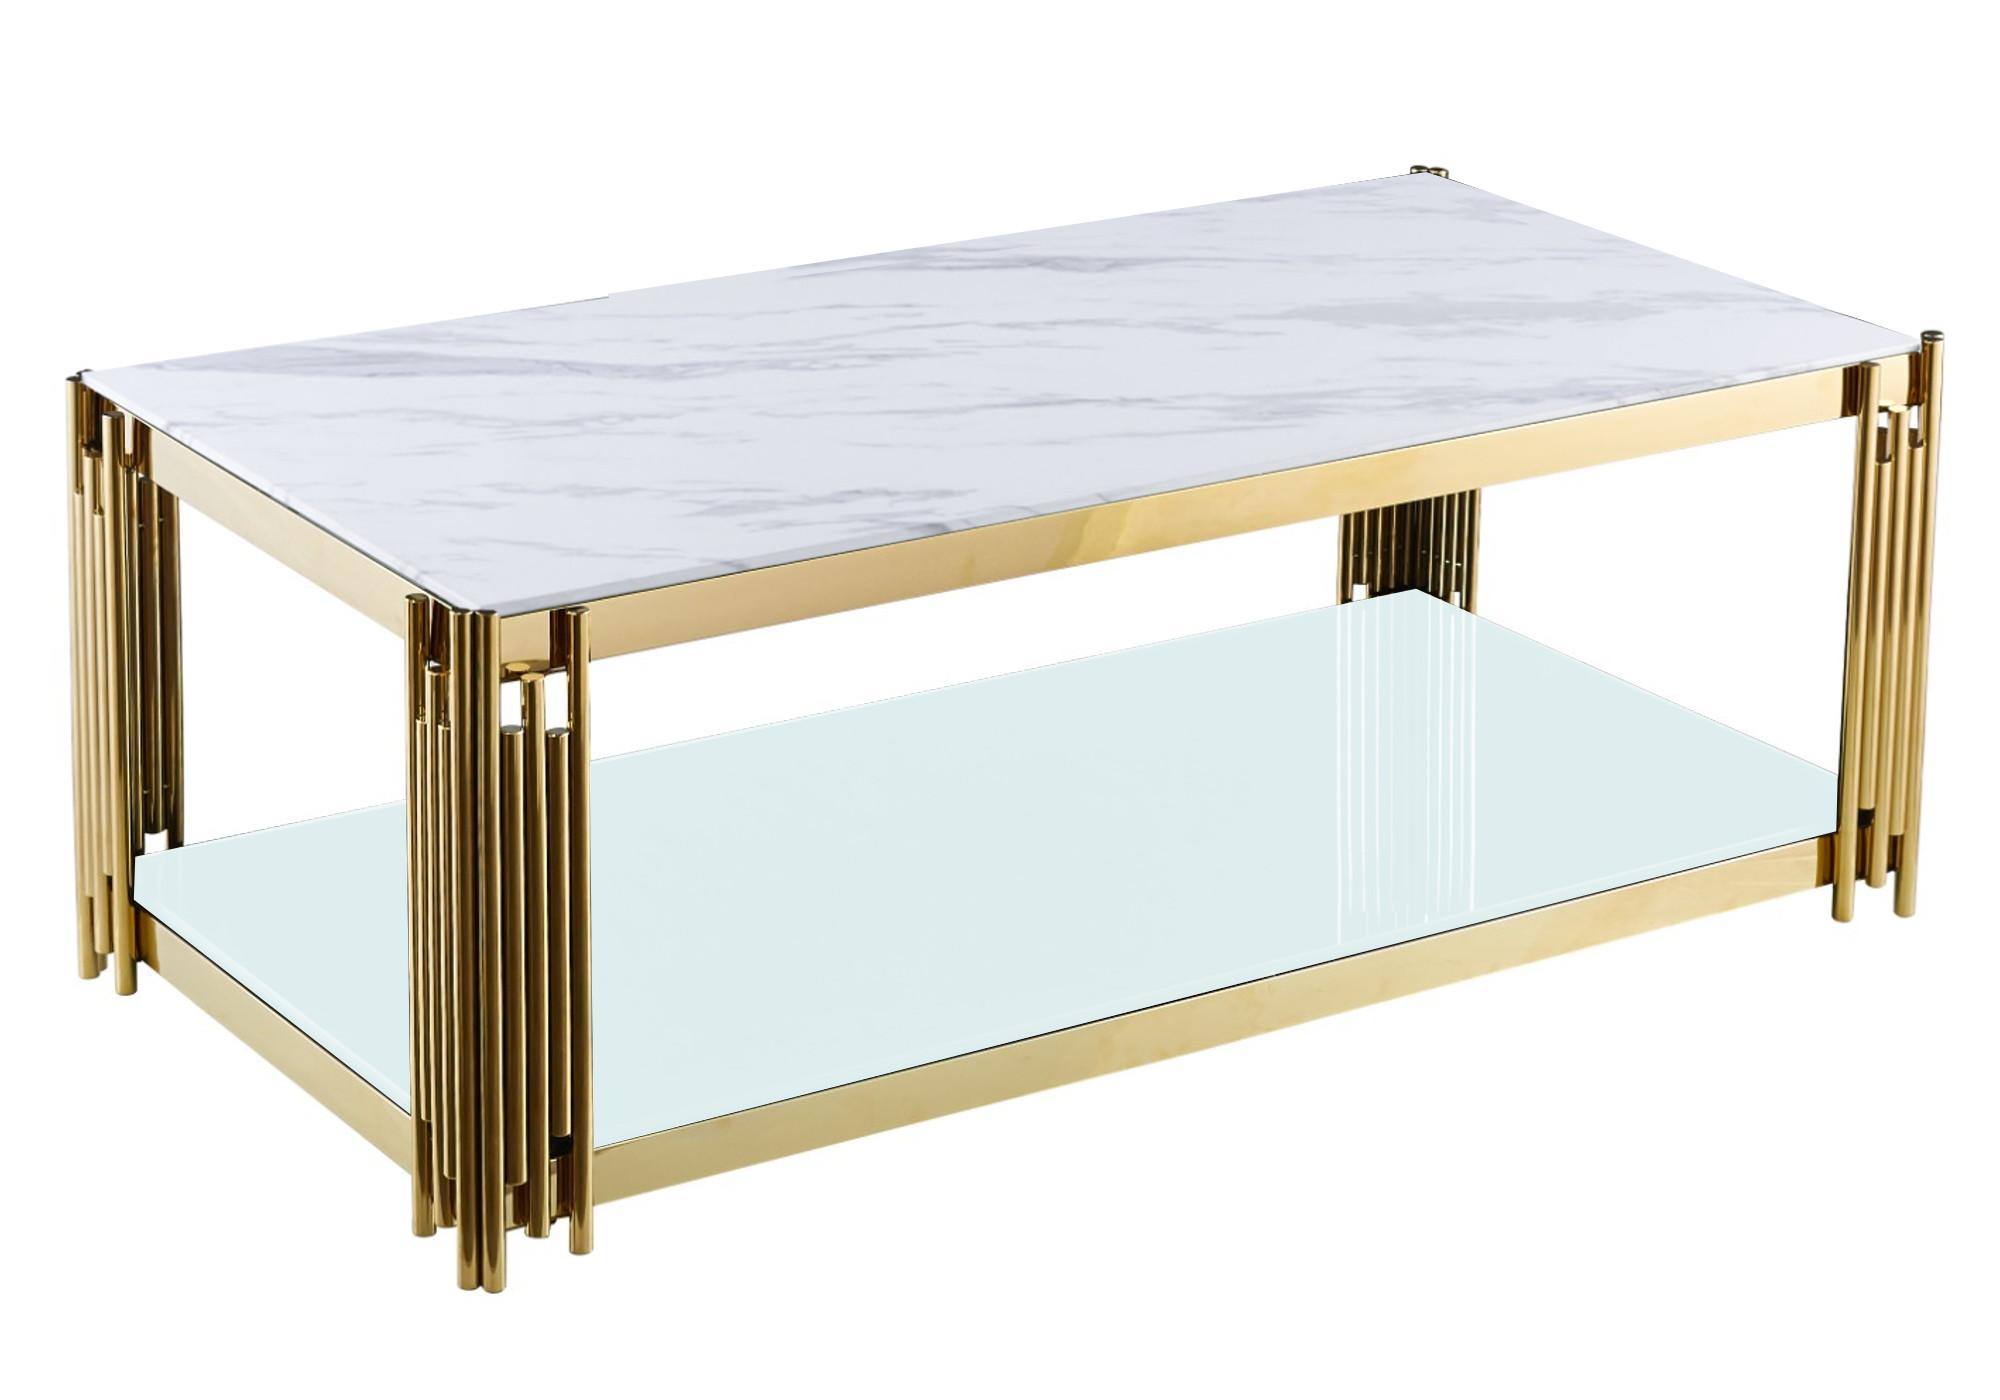 Table basse doré marbre blanc ÈVE